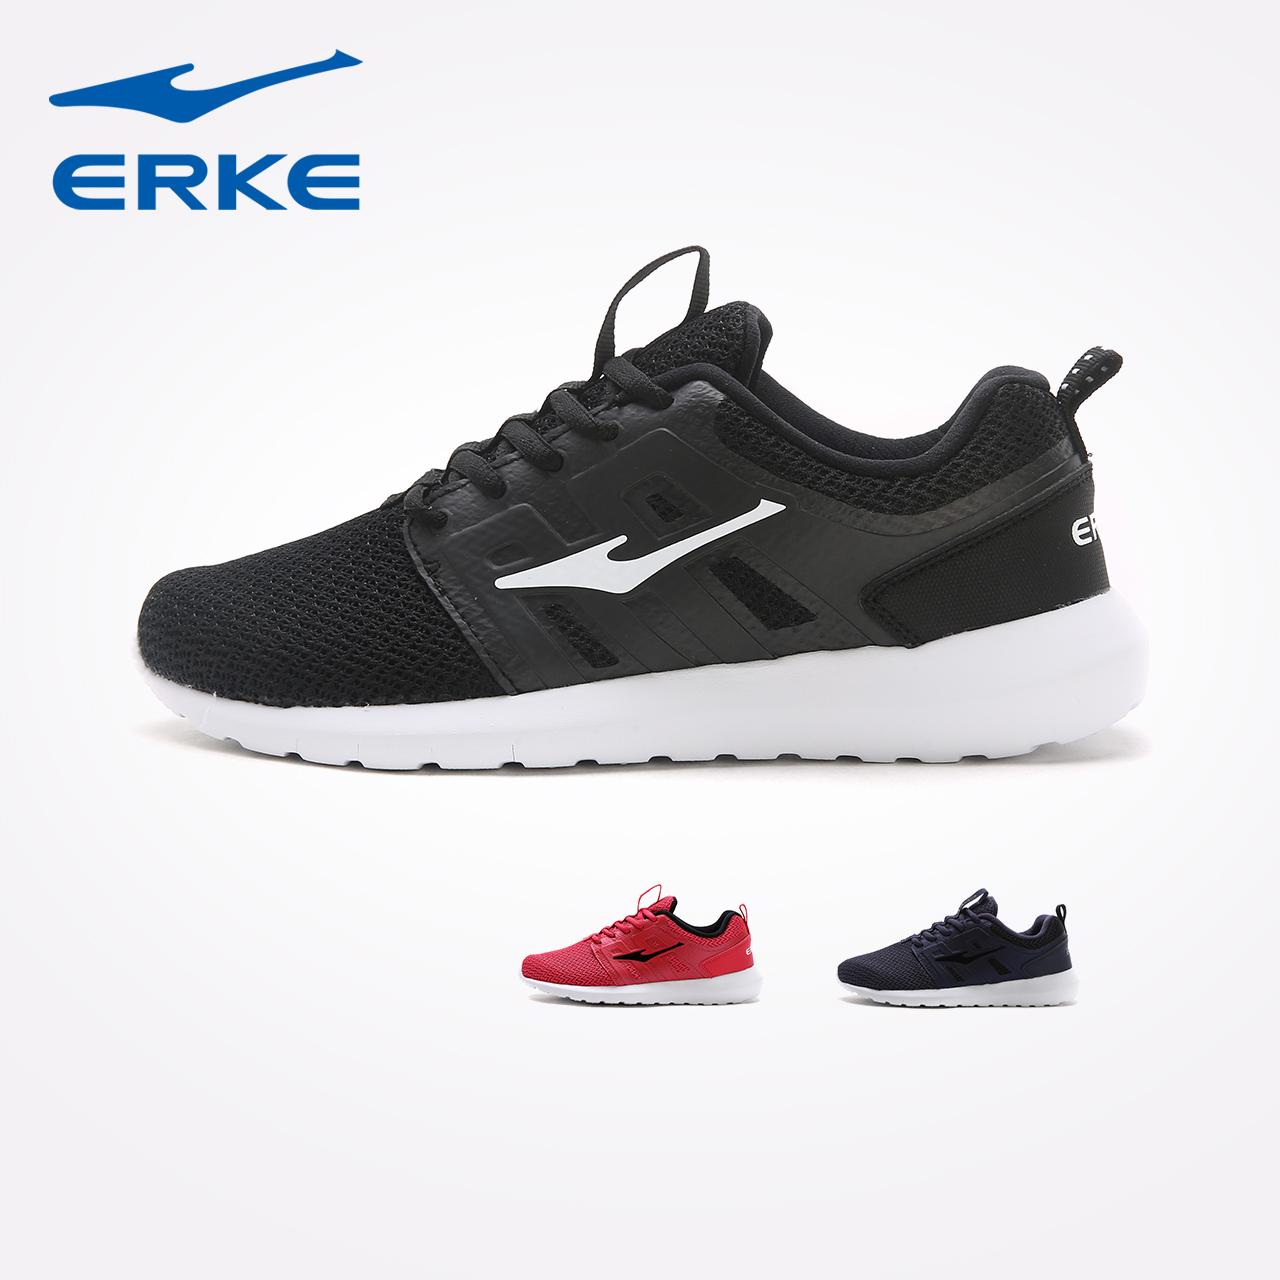 鸿星尔克女鞋运动鞋2018新款女子综训耐磨防滑跑鞋休闲跑步运动鞋